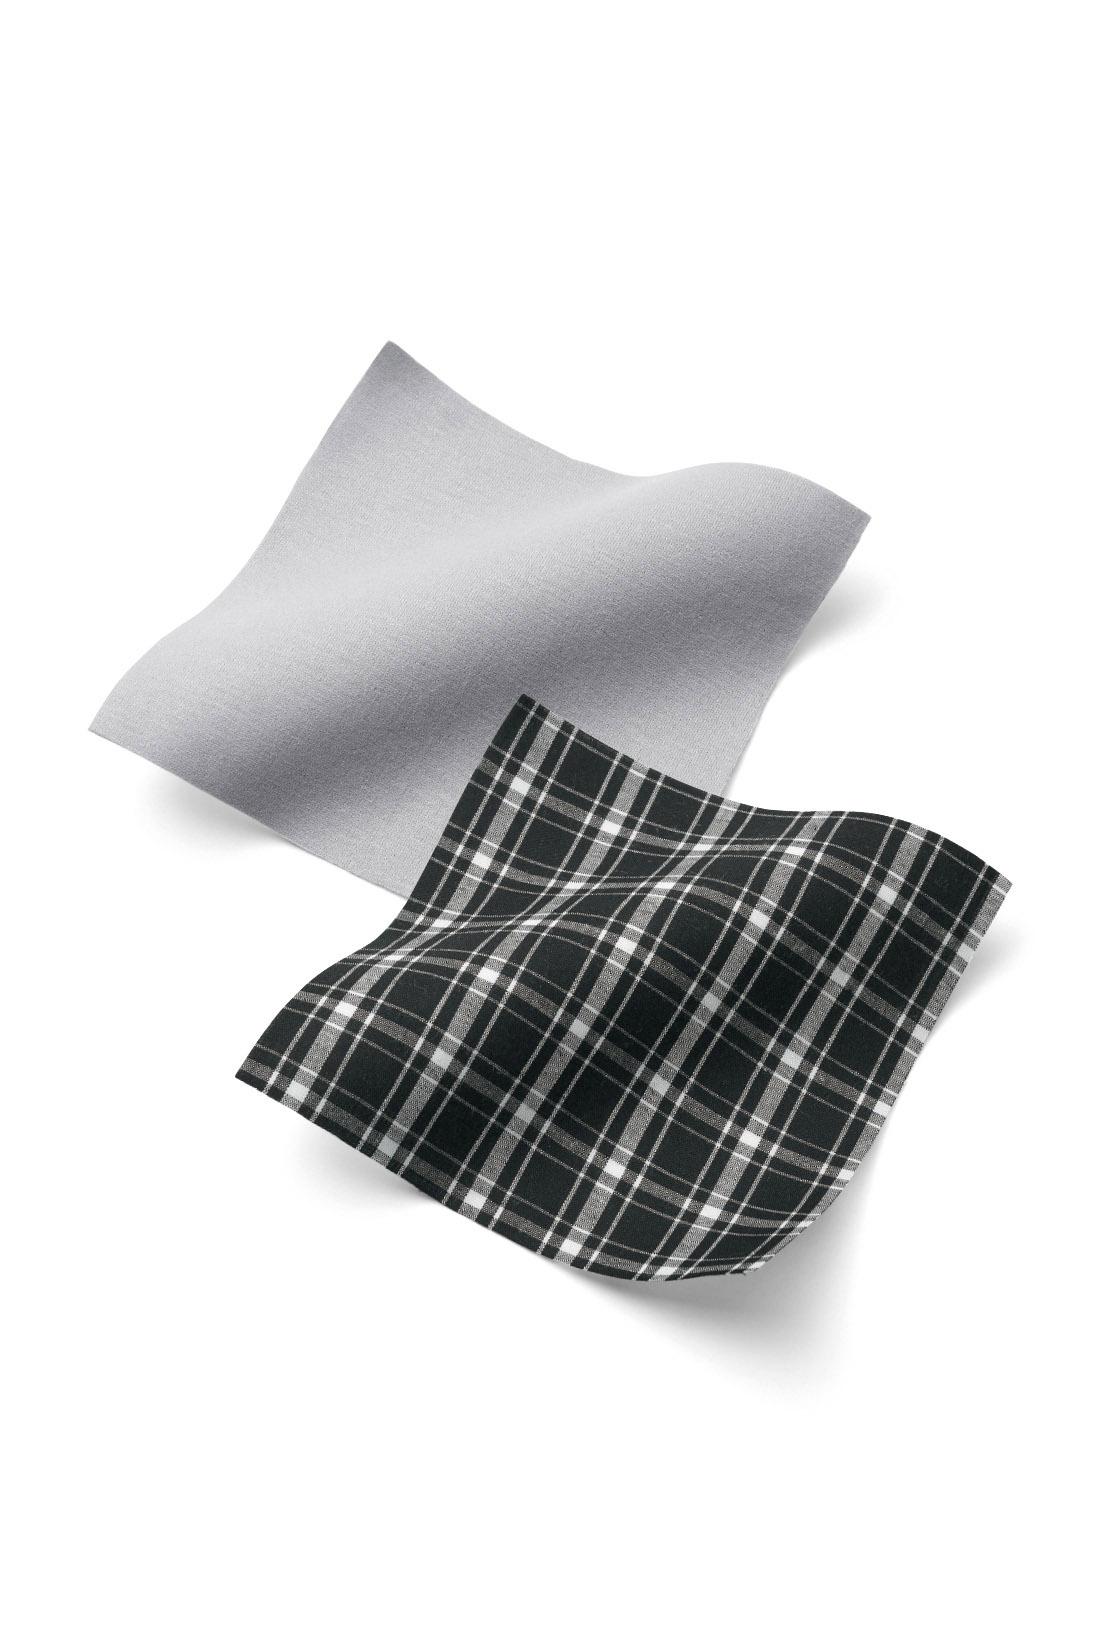 ノースリーブのトップスはきちんと布はく。軽やかなカーディガンはノンストレスなカットソー素材。 ※お届けするカラーとは異なります。